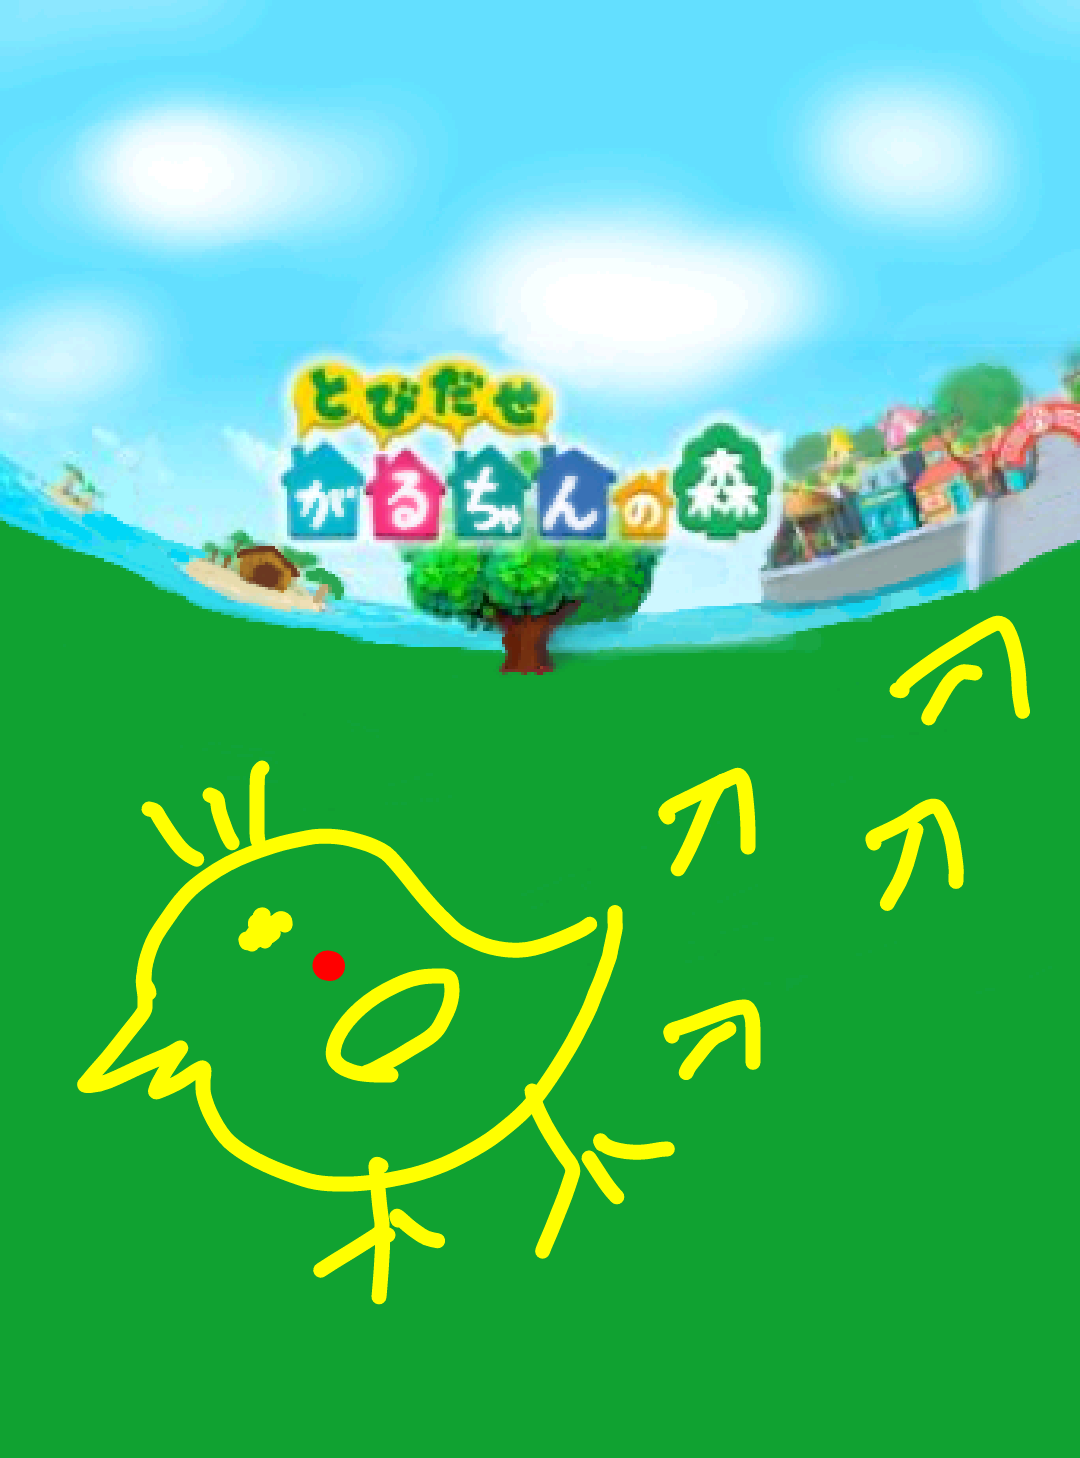 【お絵描き】がるちゃんの森【街づくり】